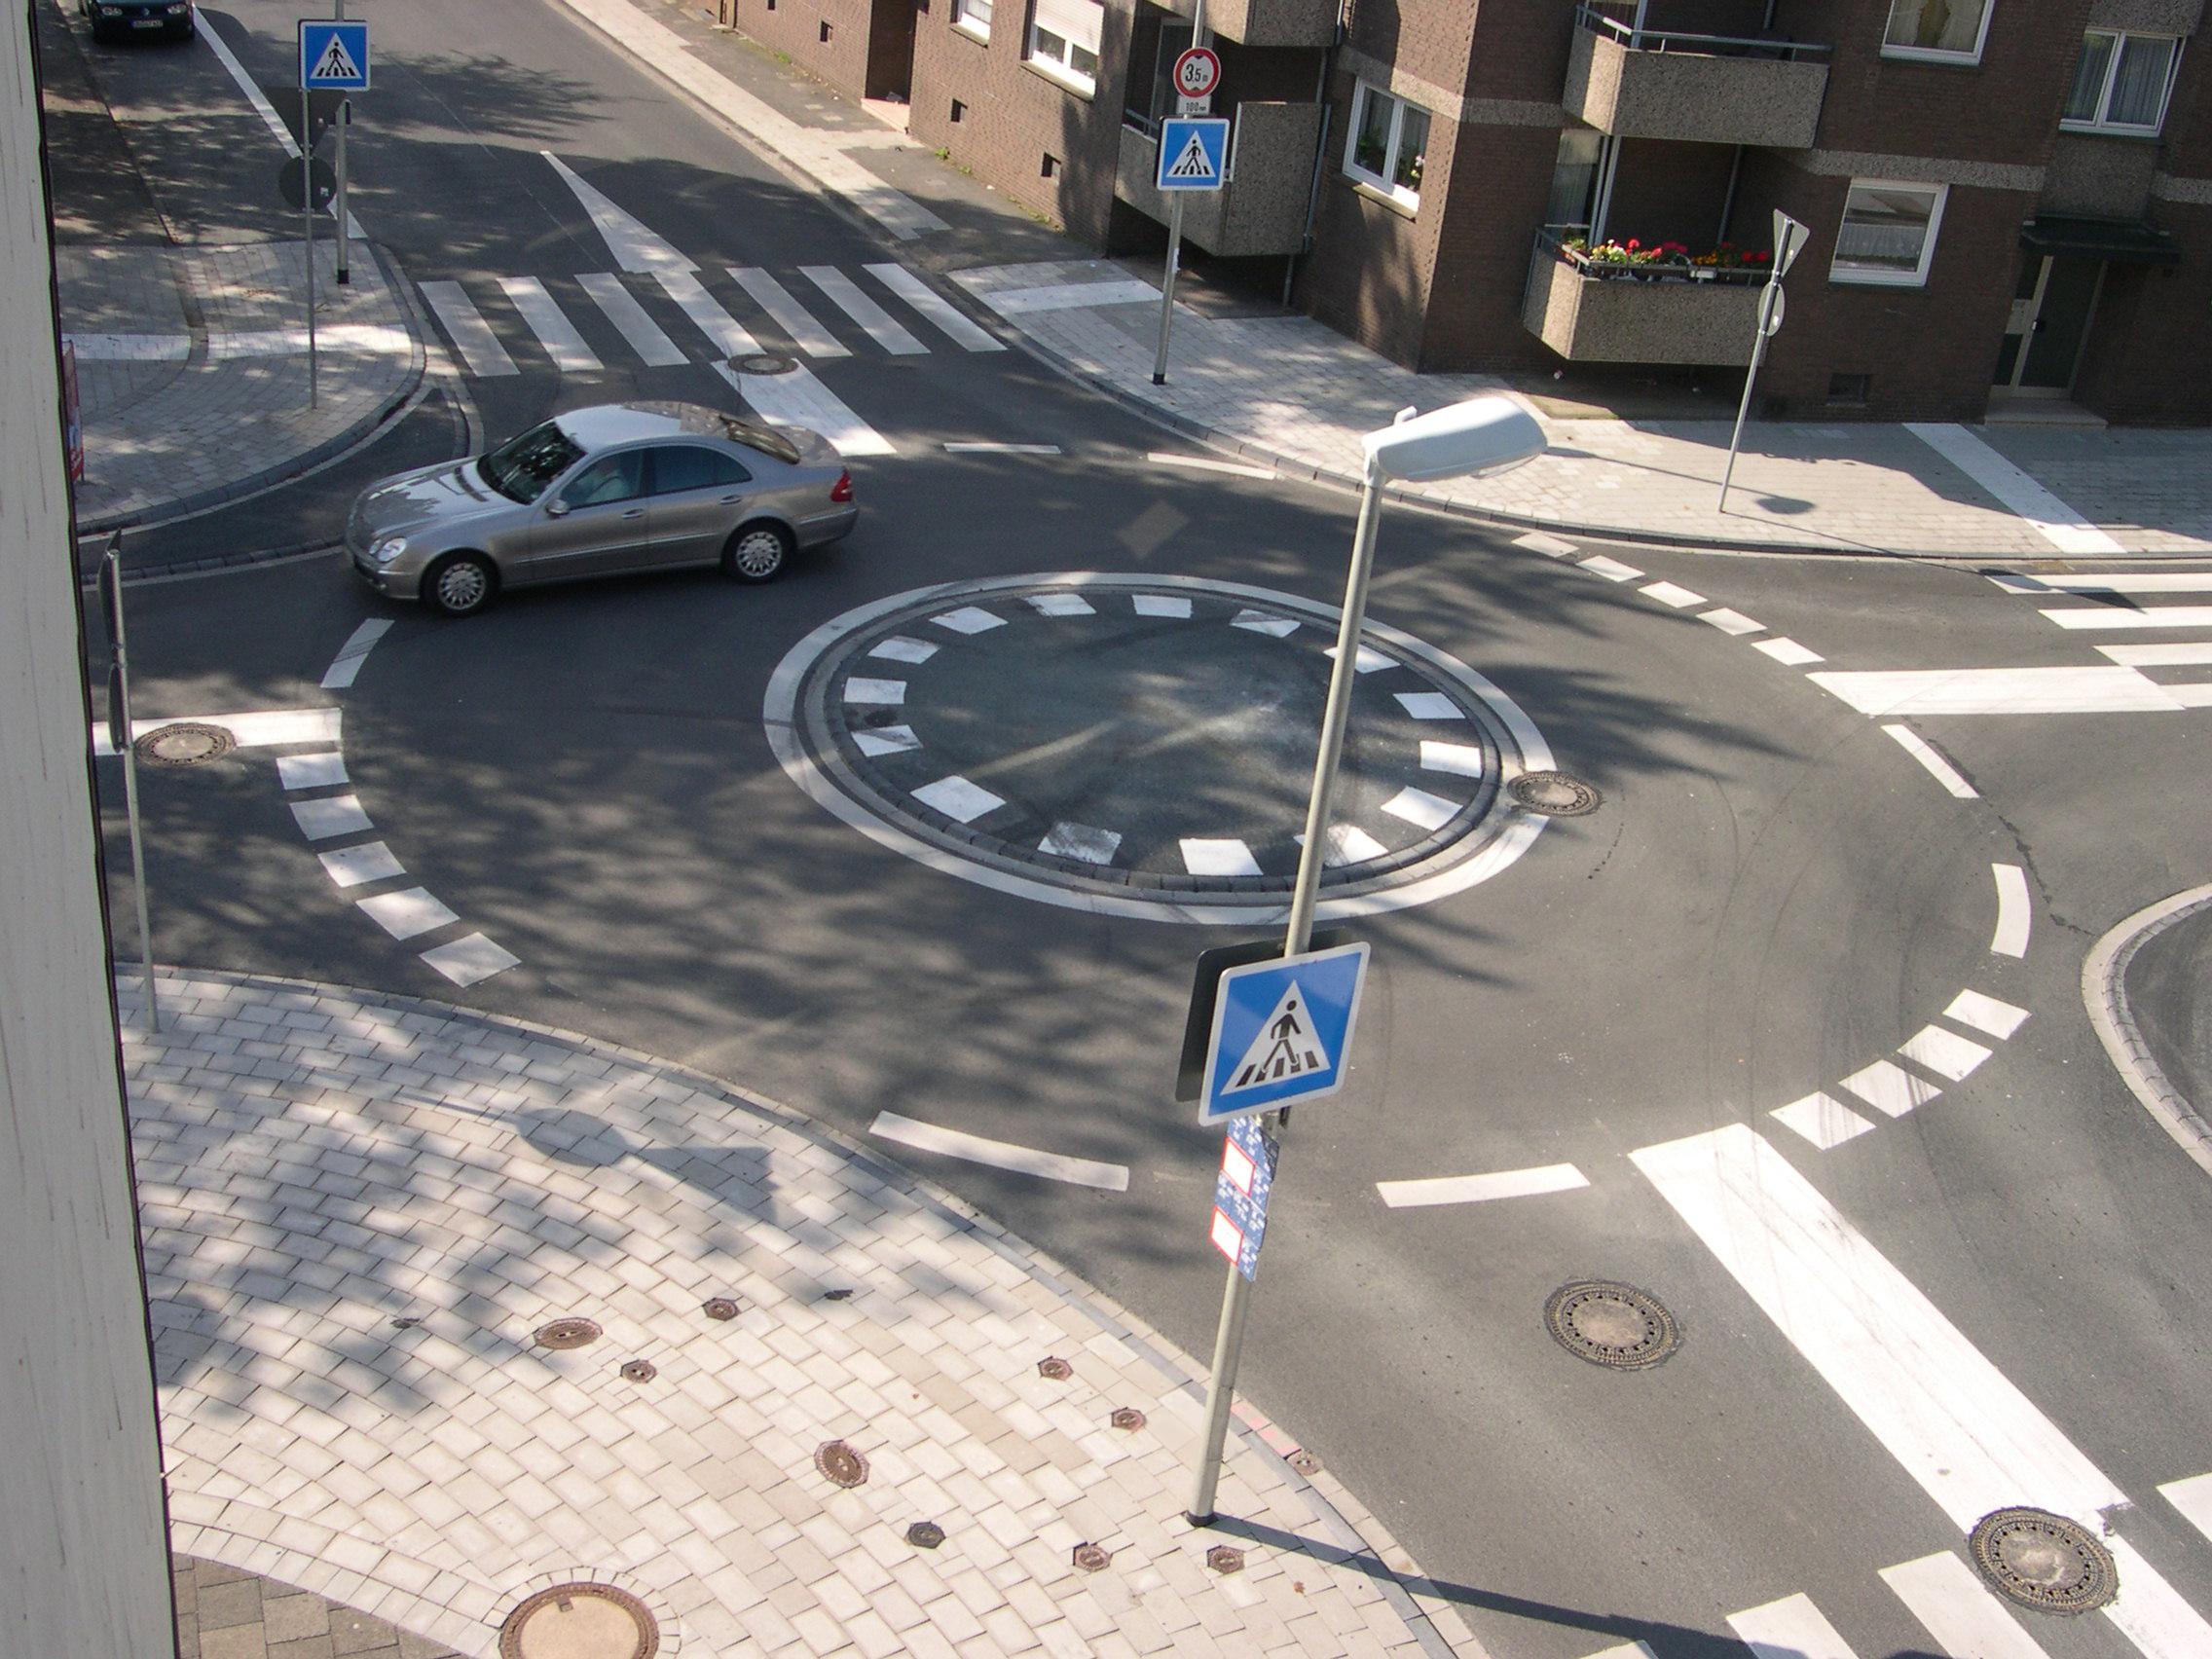 Mit Dem Zirkel Geplant Neuer Minikreisel An Der Kreuzung